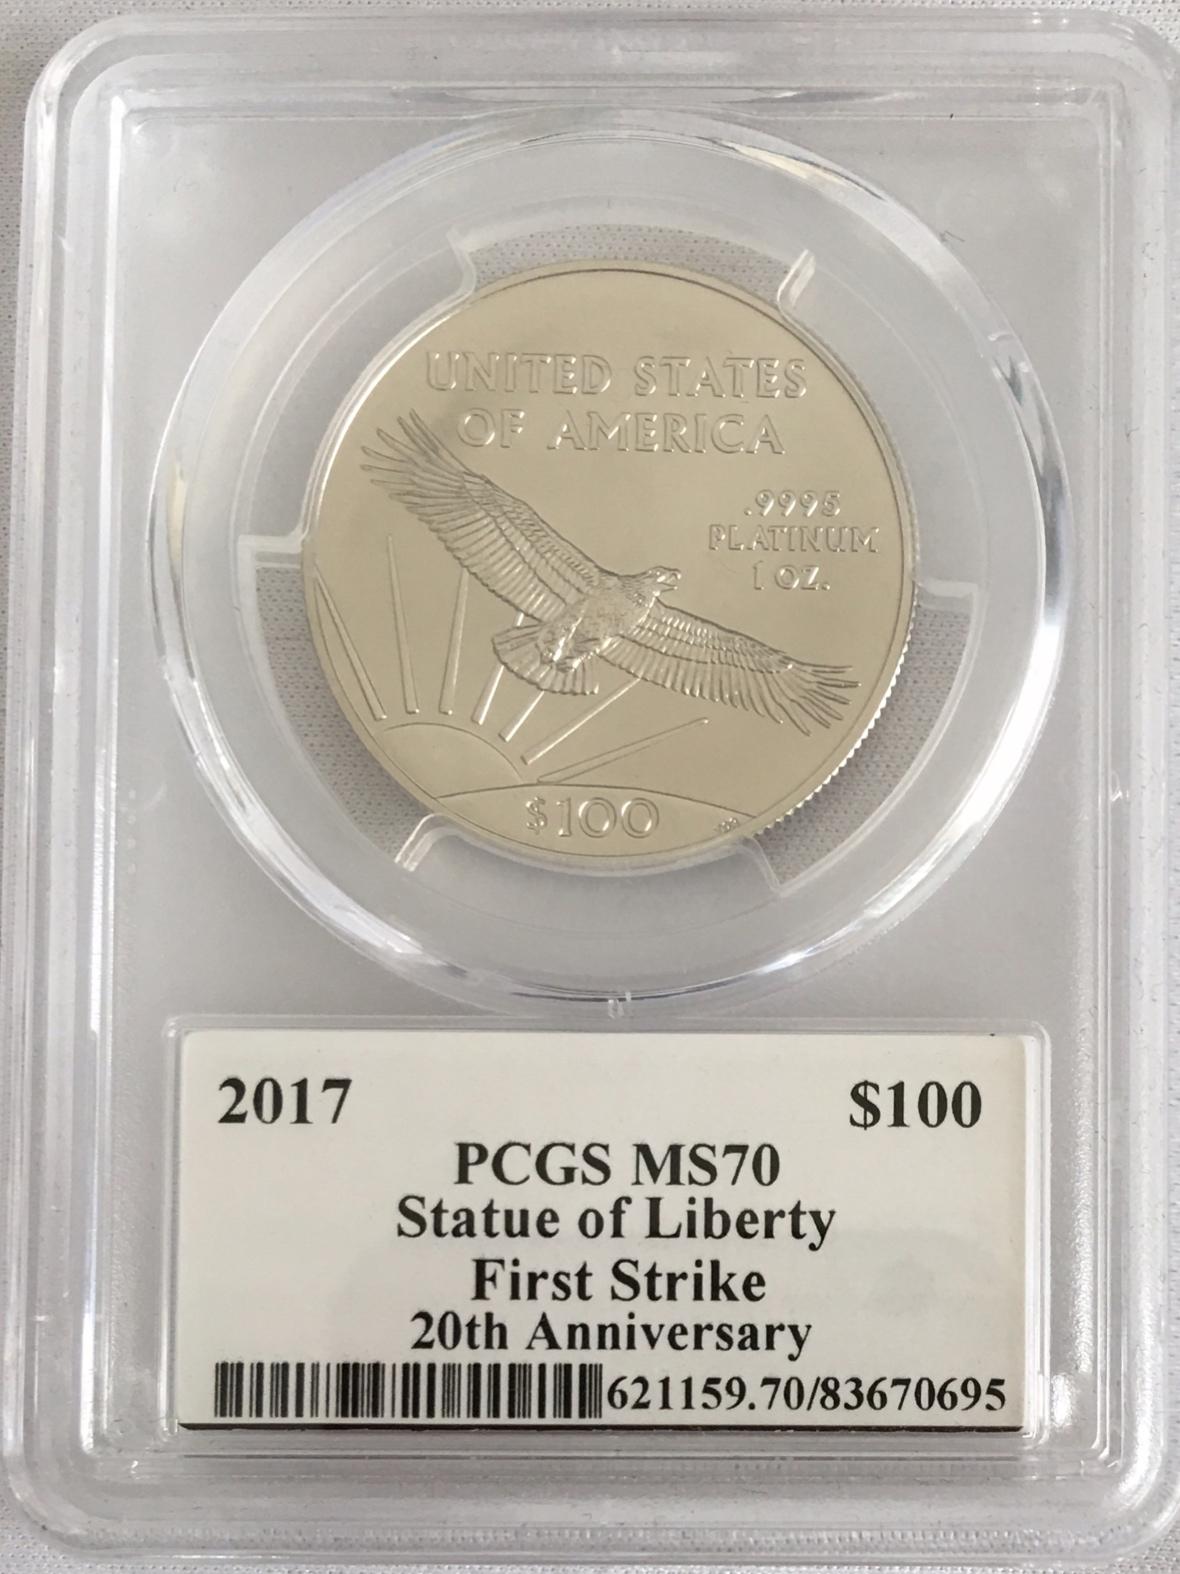 プラチナイーグル 100ドル 1オンス2017 $100 Platinum Eagle MS70 PCGSファースト ストライク マーカンティサイン入り